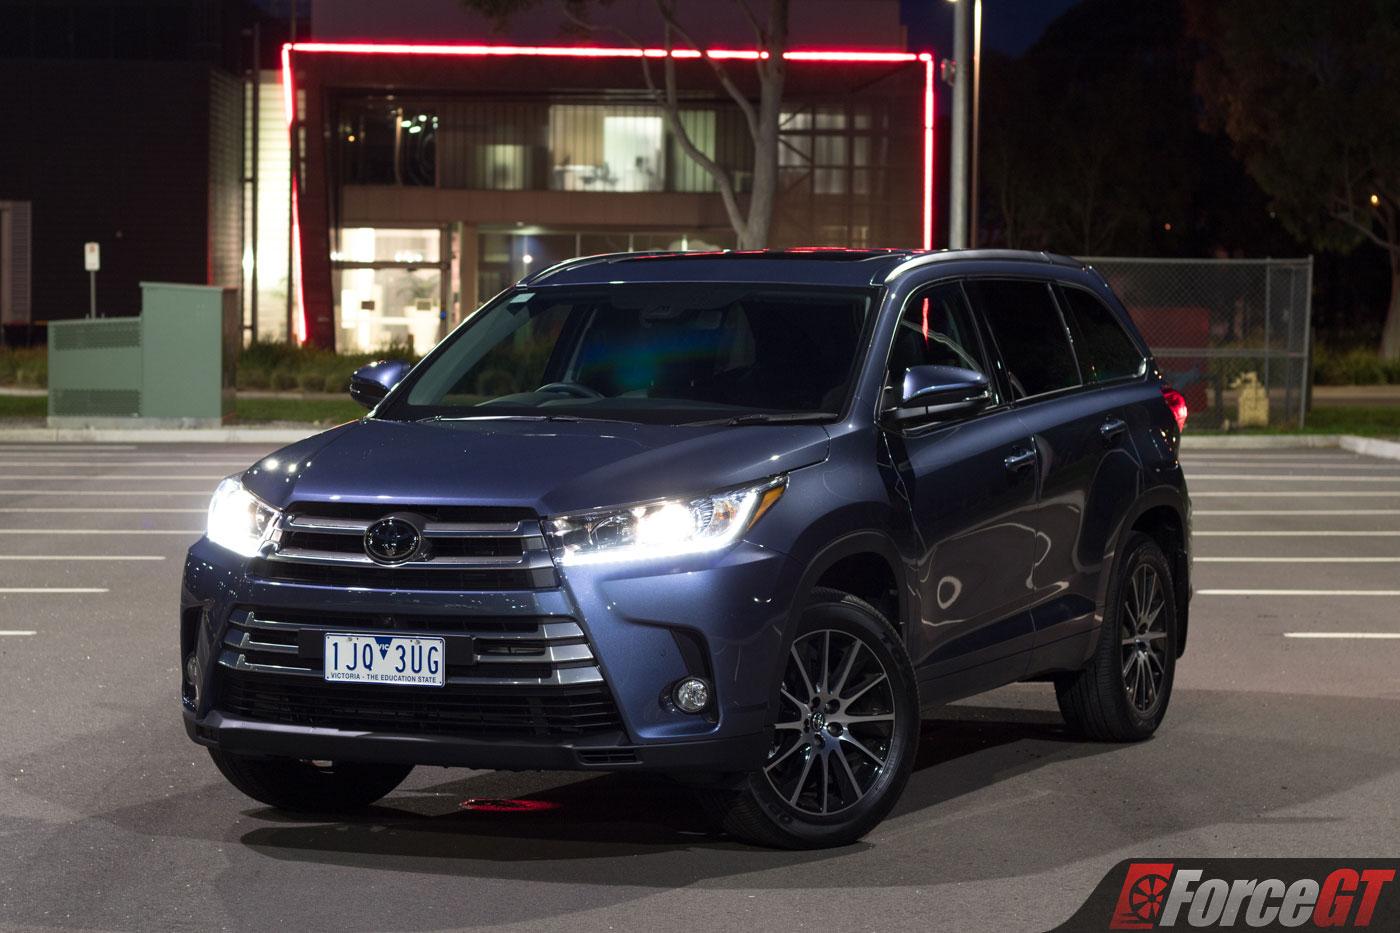 2017 Toyota Kluger Grande Awd Review Forcegt Com